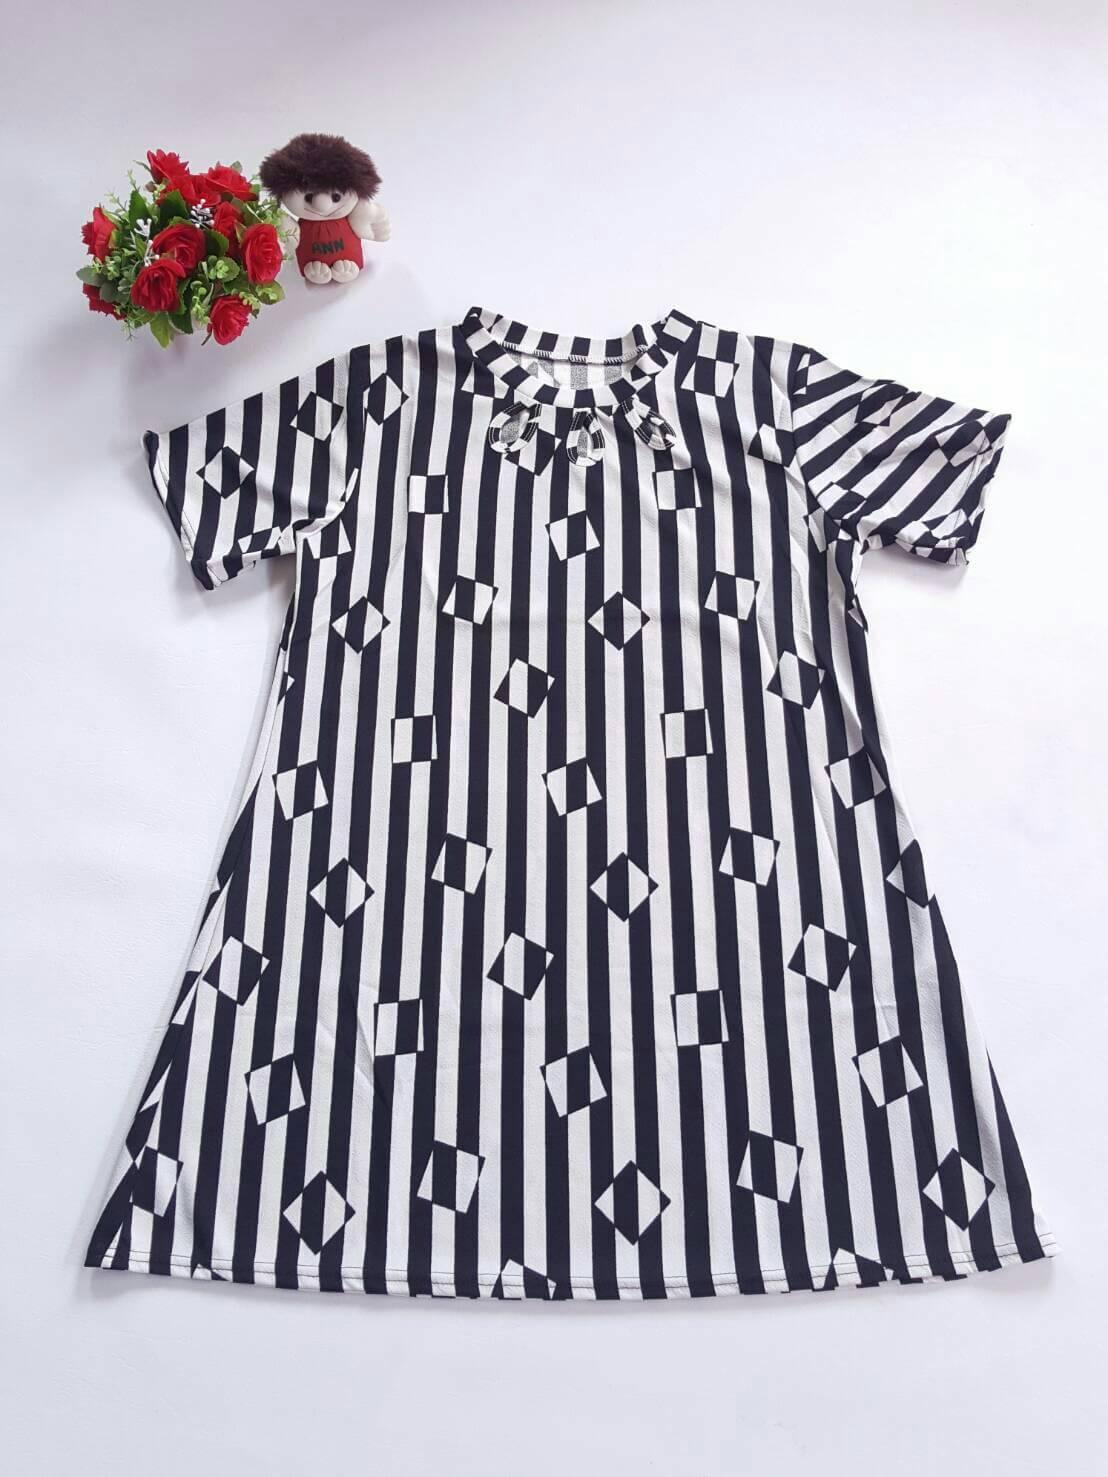 DRESS ไซส์อวบ อก 42 เดรส ผ้าผ้าทอหนังไก่ เนื้อผ้ายืดหยุ่นดี อก42 - 46 ยาว 33 สีดำ